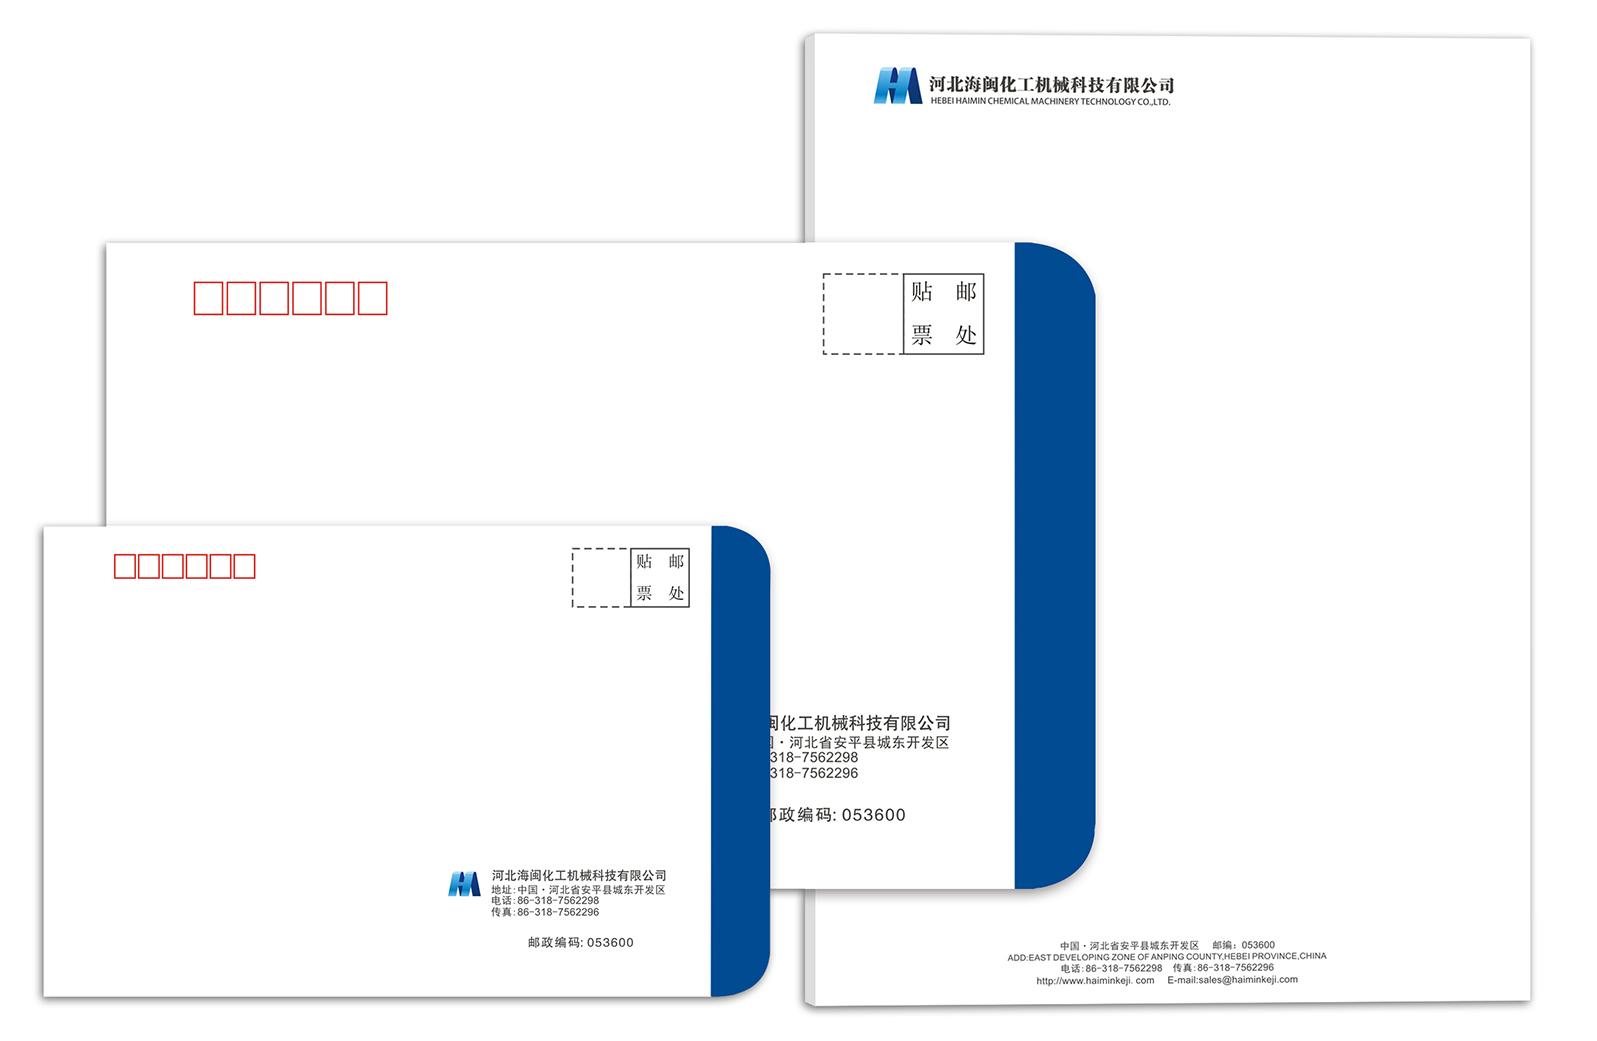 亚博登录网[会员|注册|登录]